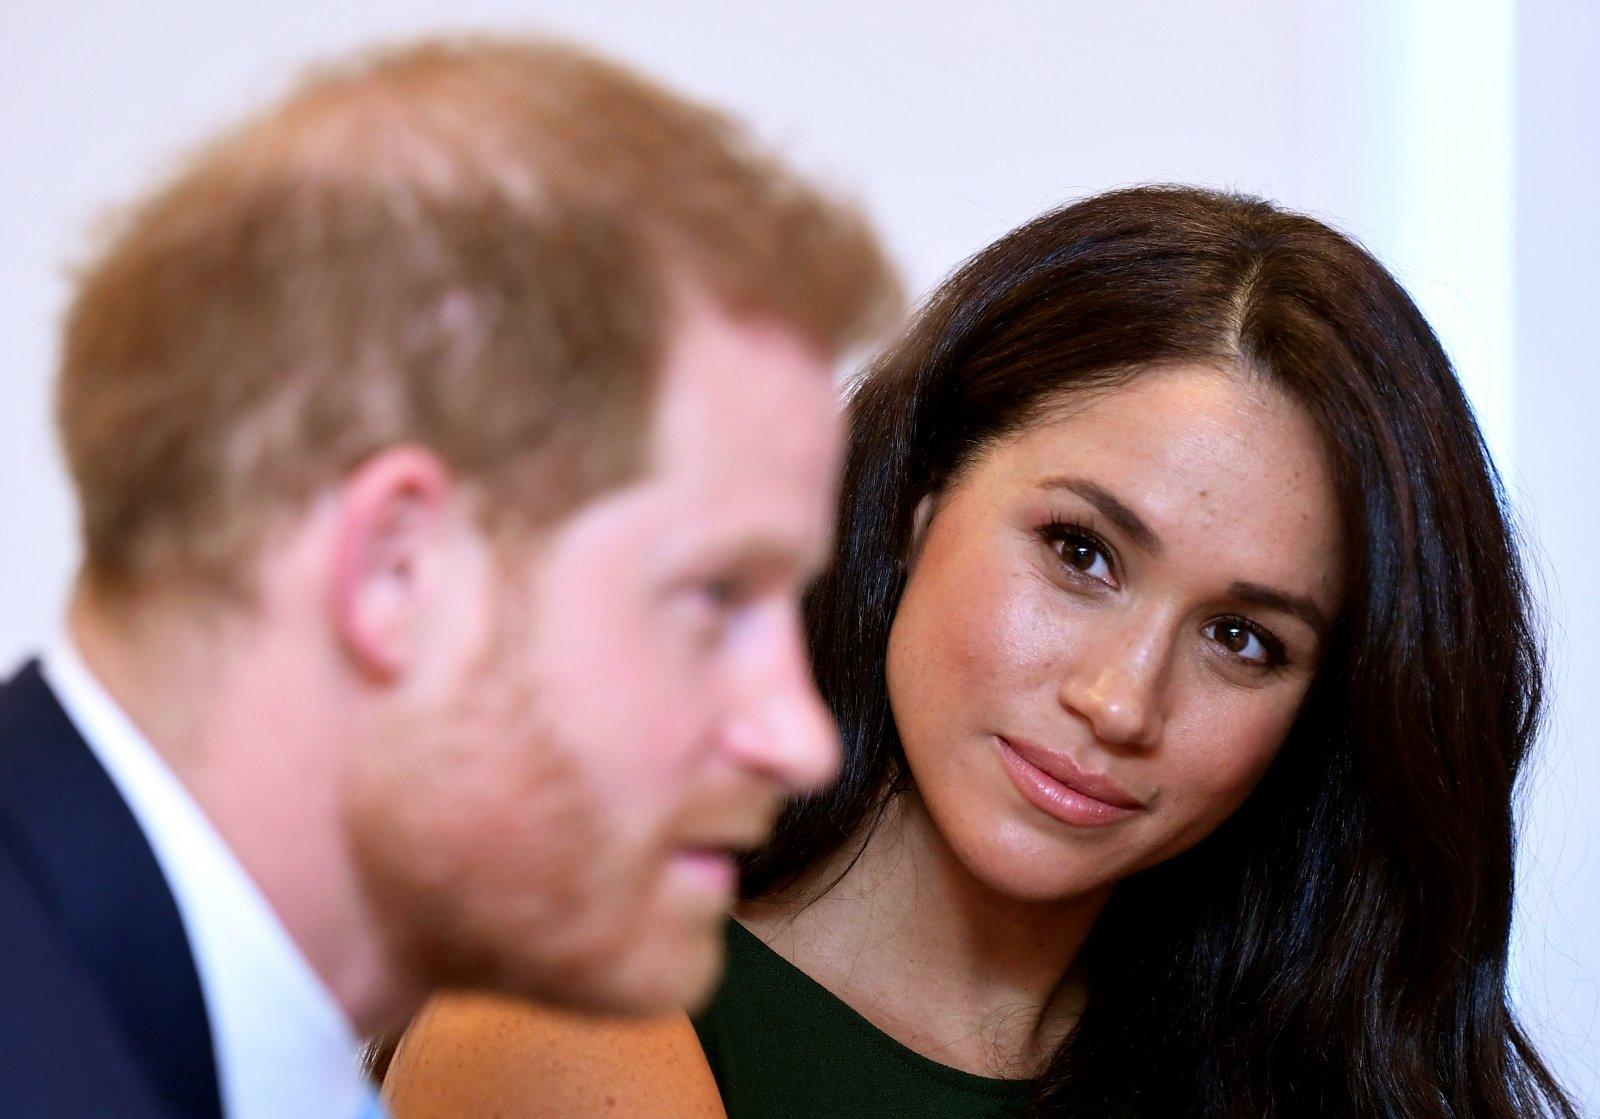 Британские политики поздравили Гарри и Меган с рождением сына